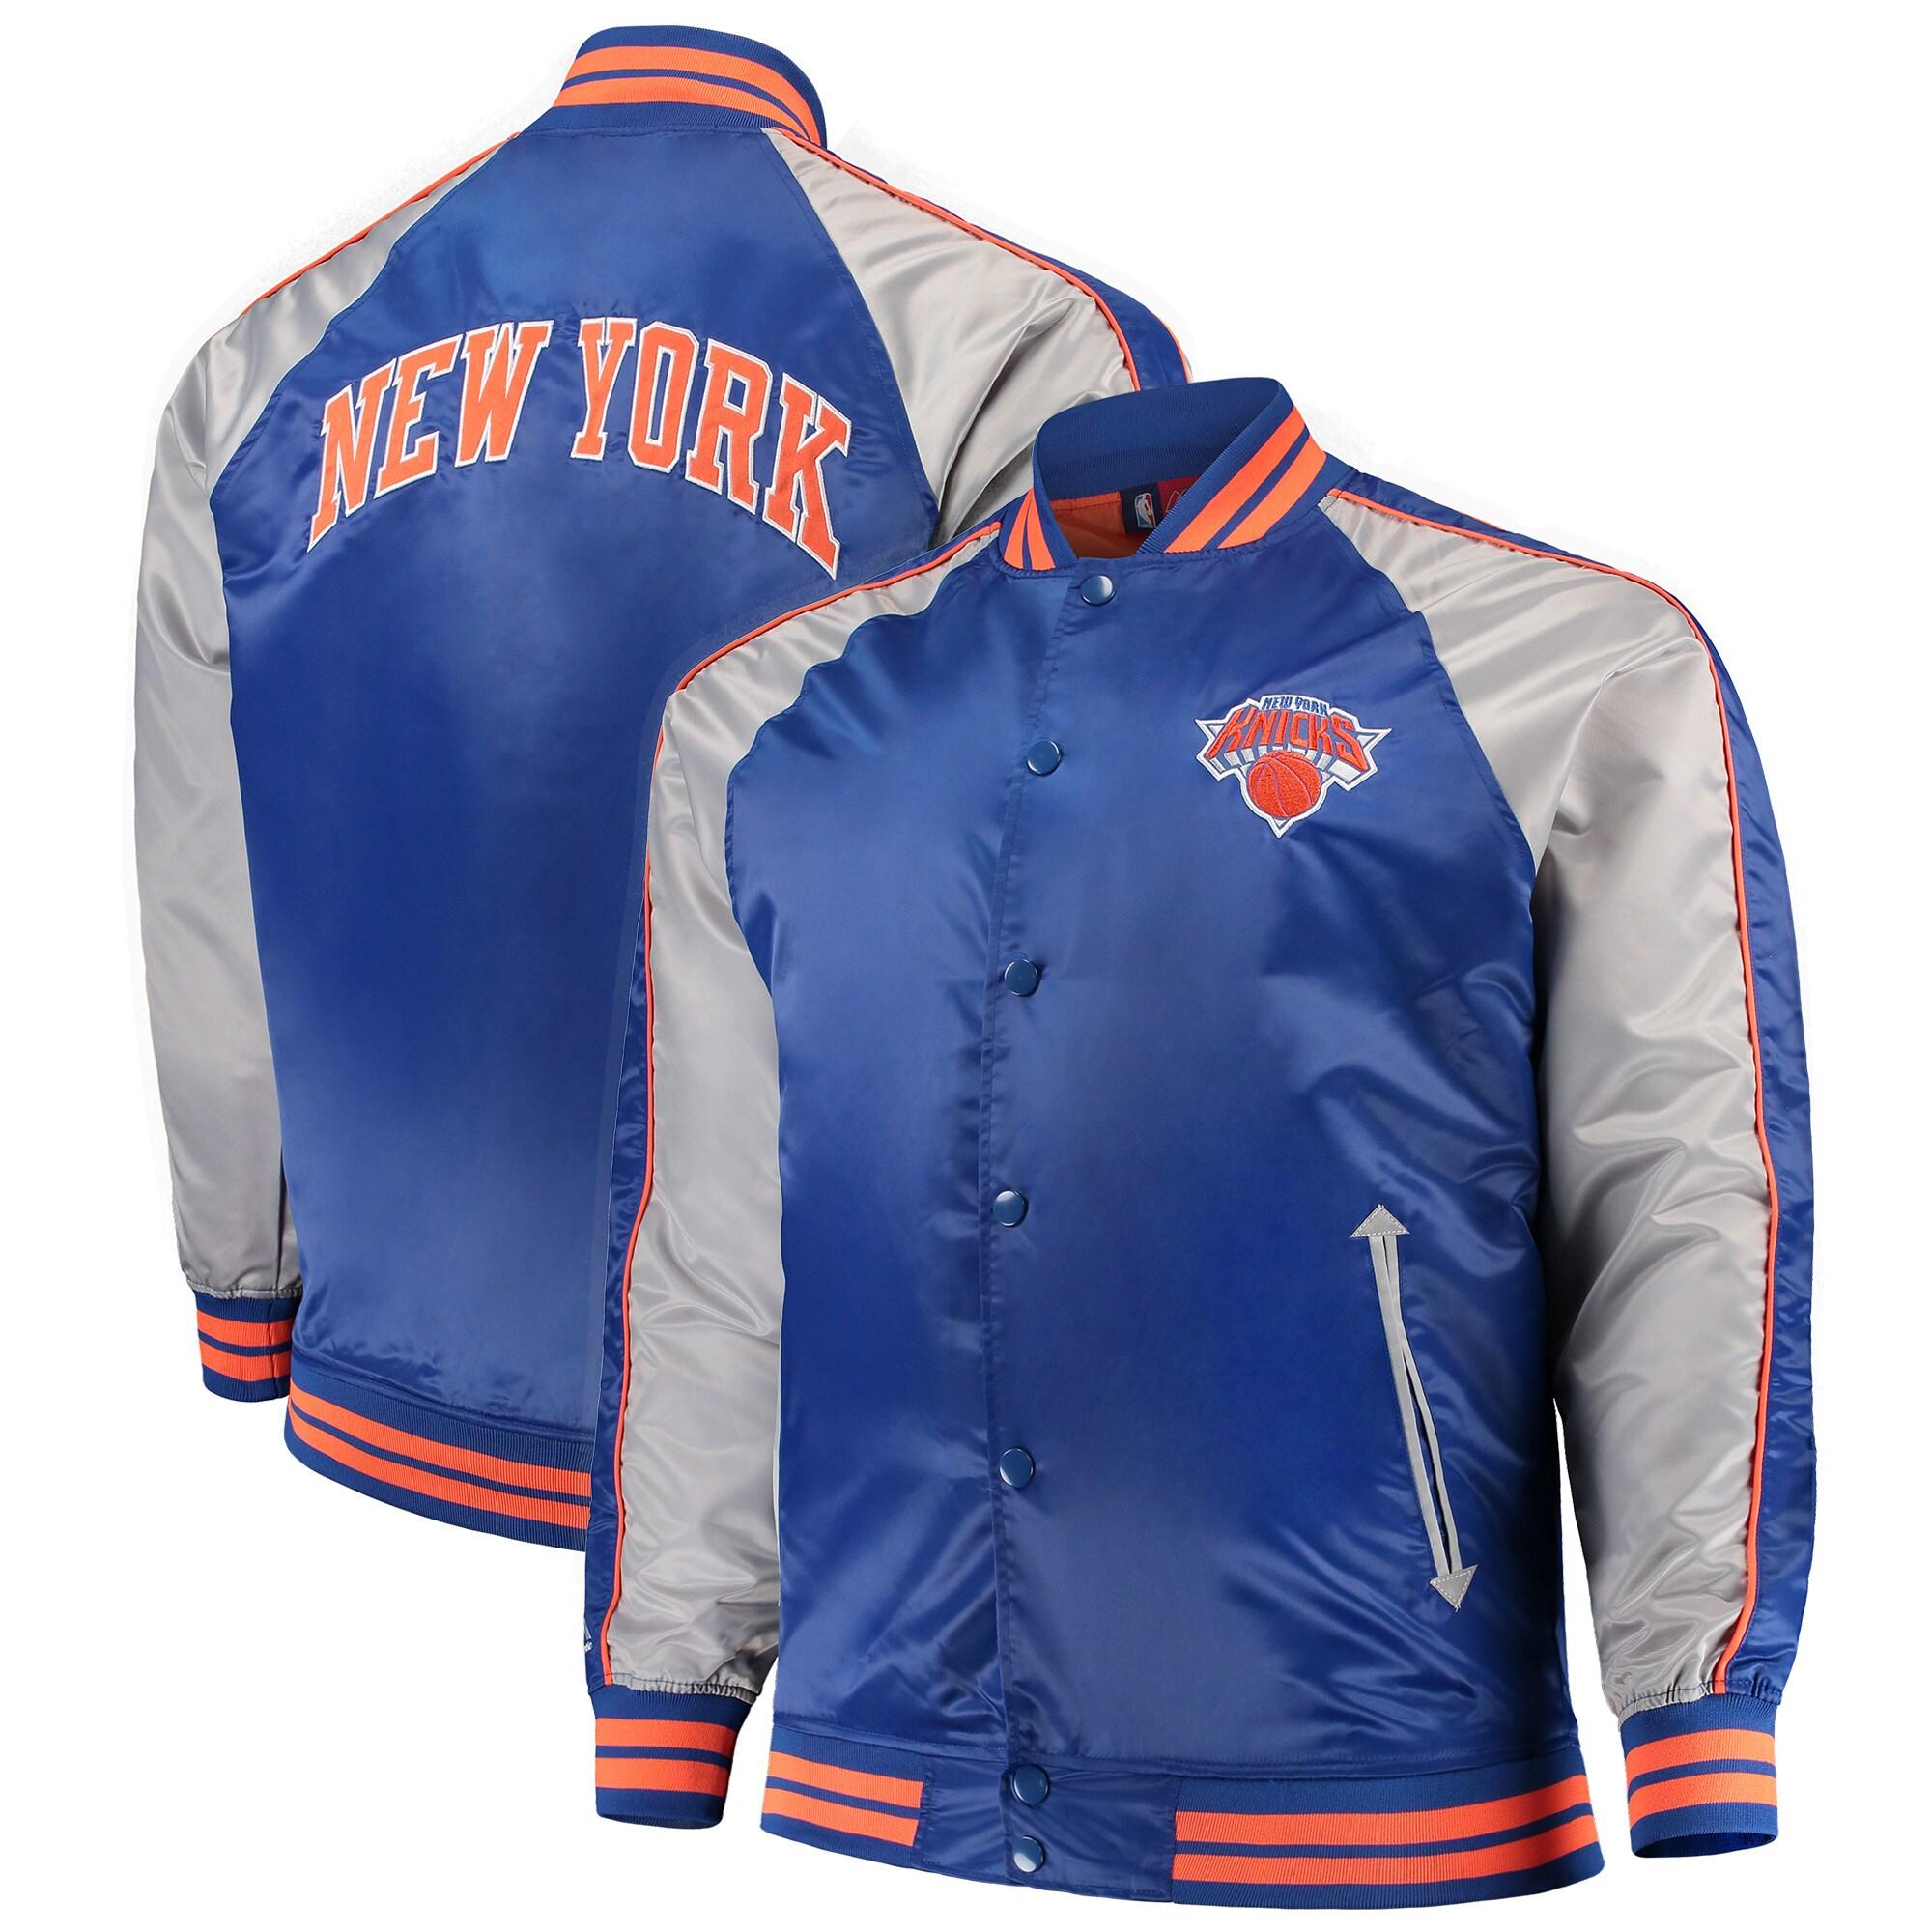 New York Knicks Majestic Big & Tall Lightweight Satin Full-Snap Jacket - Blue